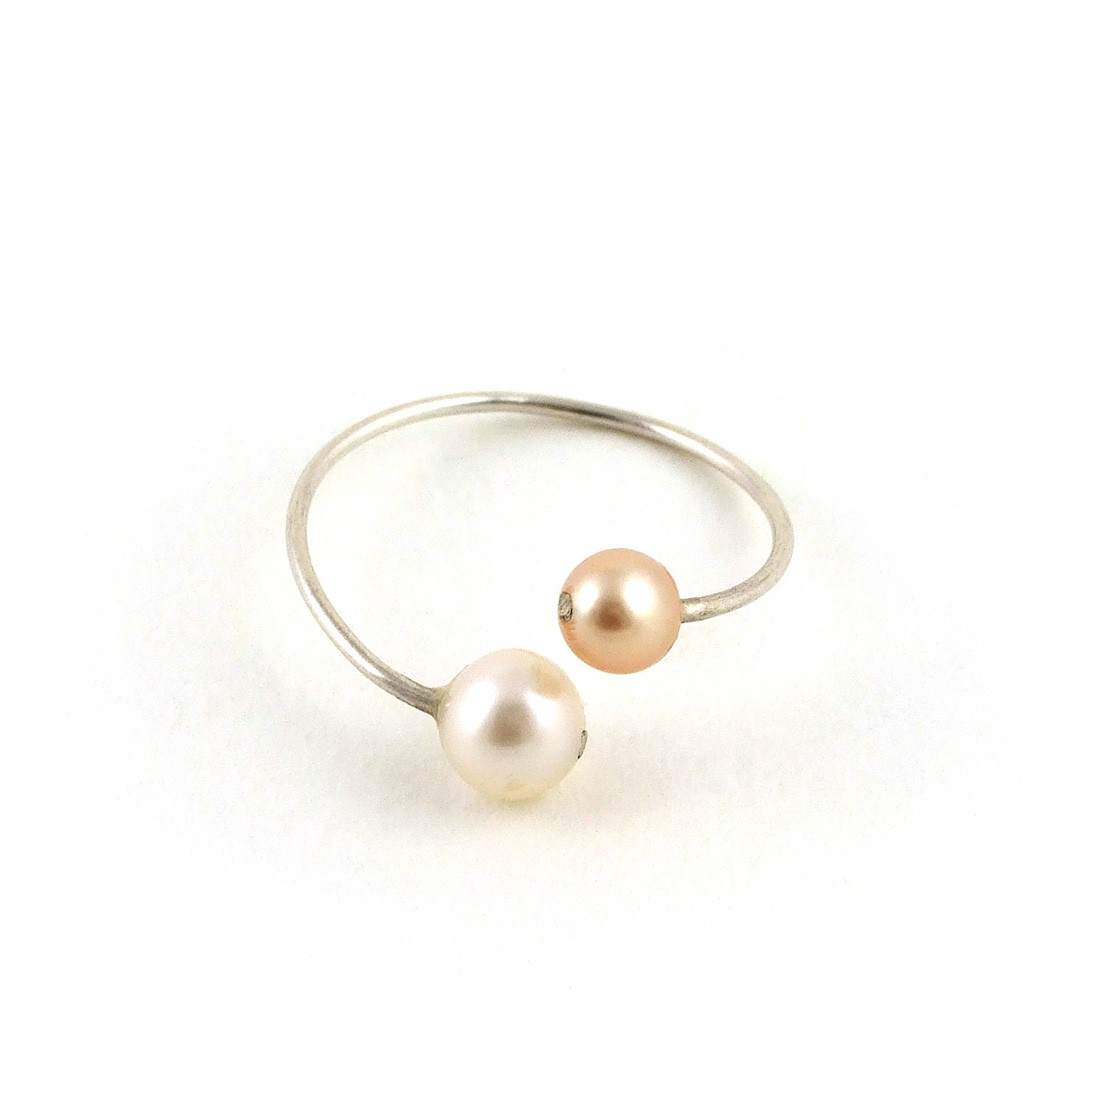 bague en argent perles de culture rose et blanche diane de navacelle bagues les cr ateurs. Black Bedroom Furniture Sets. Home Design Ideas